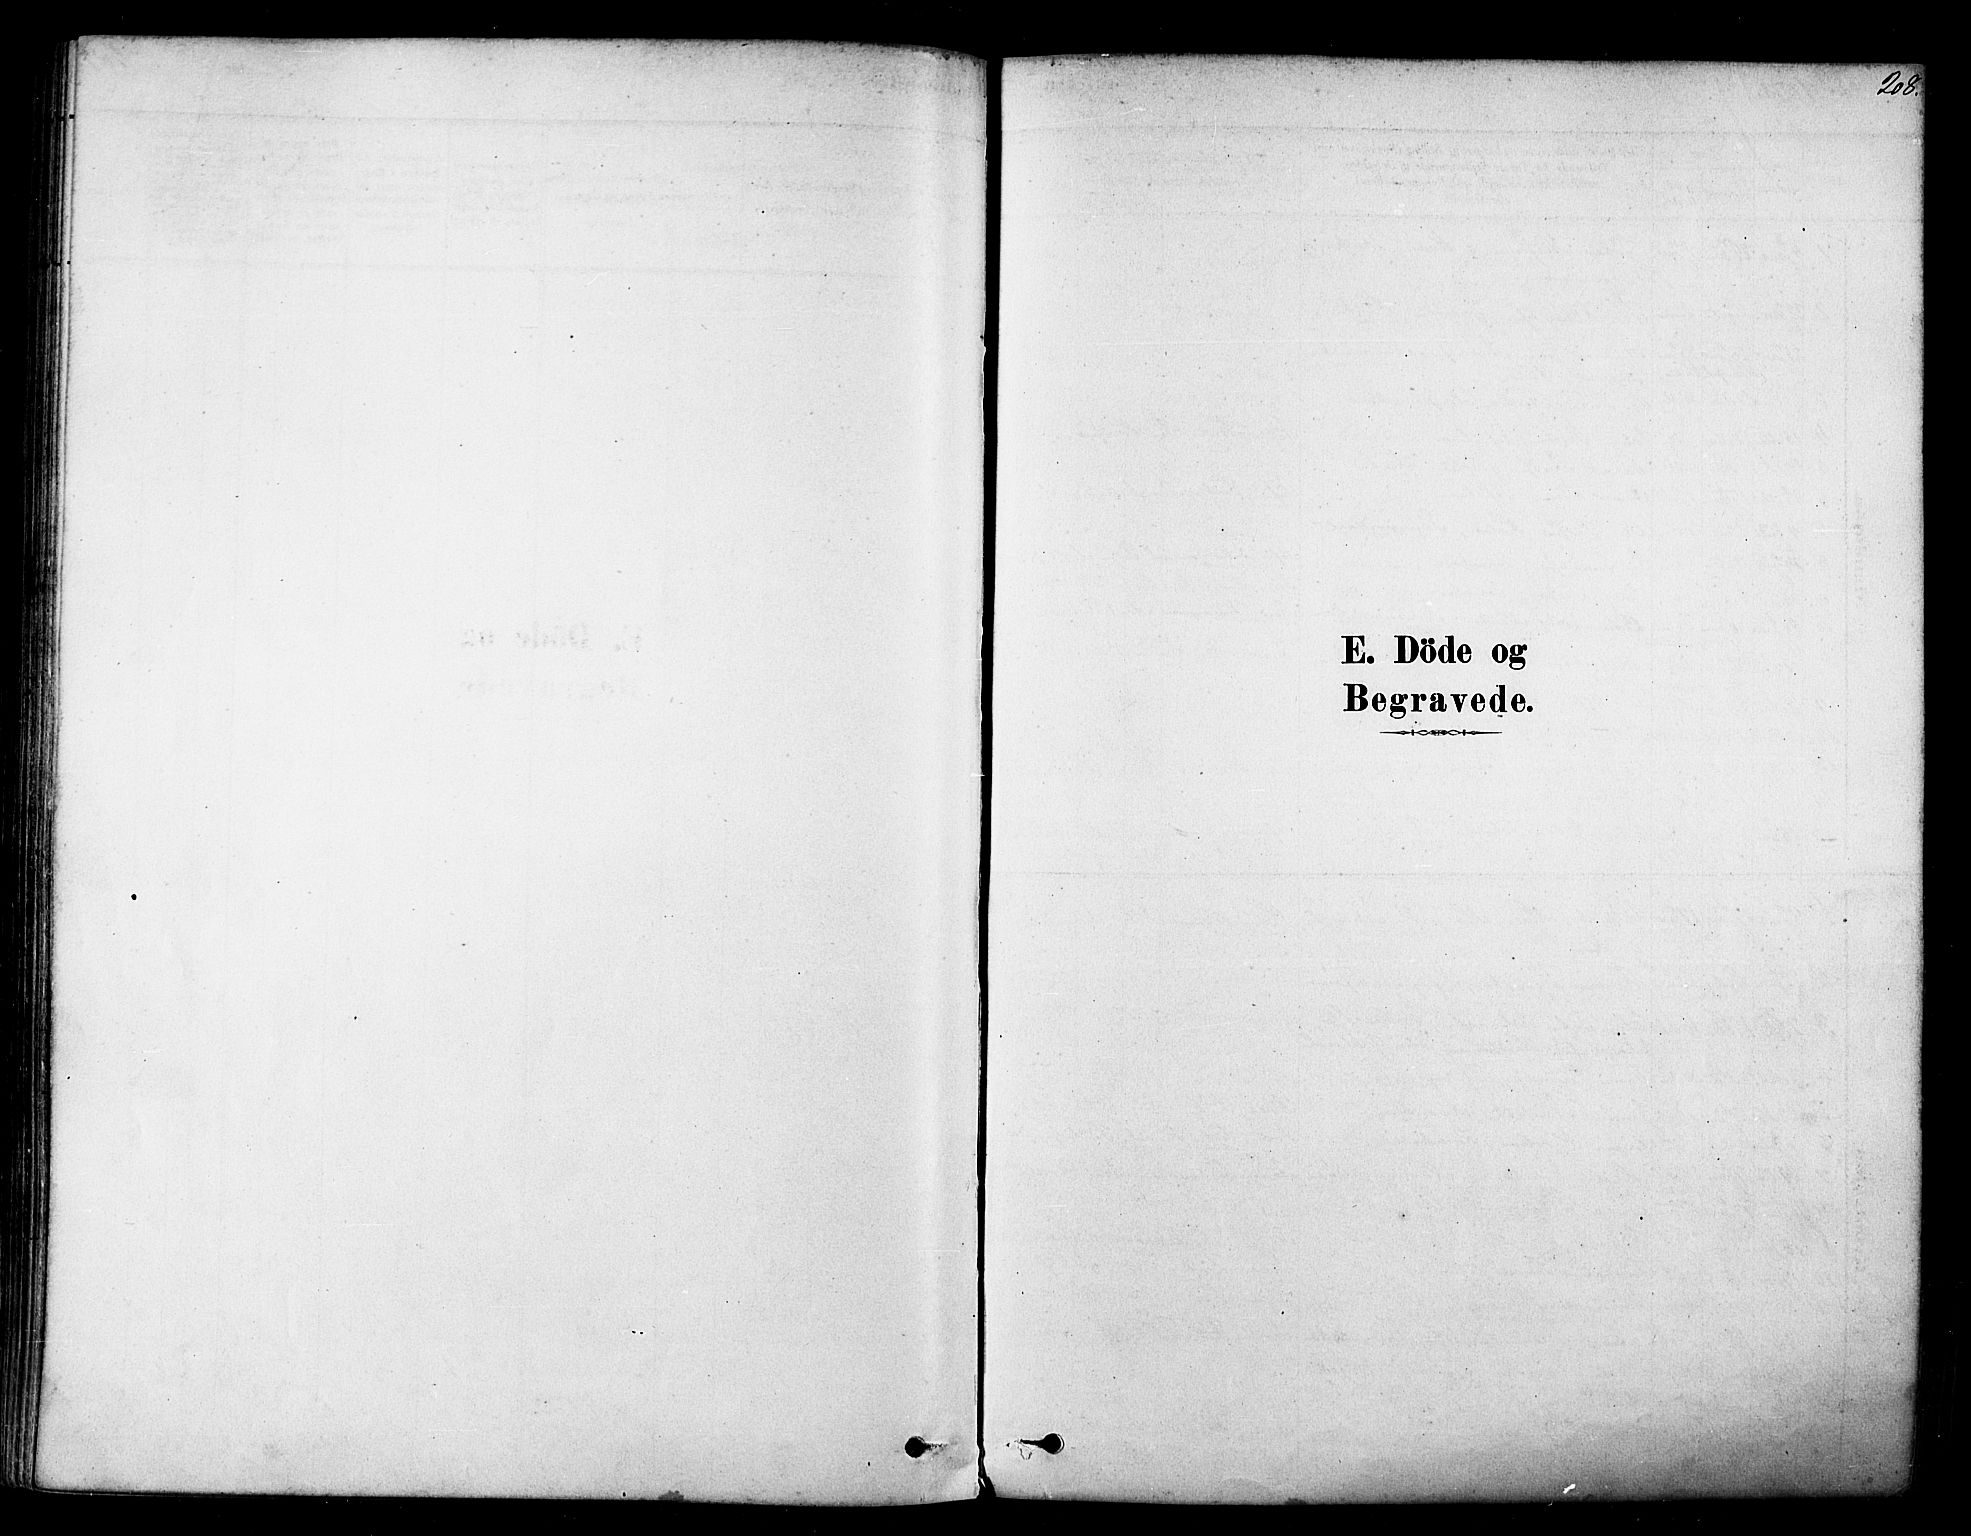 SATØ, Tana sokneprestkontor, H/Ha/L0004kirke: Ministerialbok nr. 4, 1878-1891, s. 208